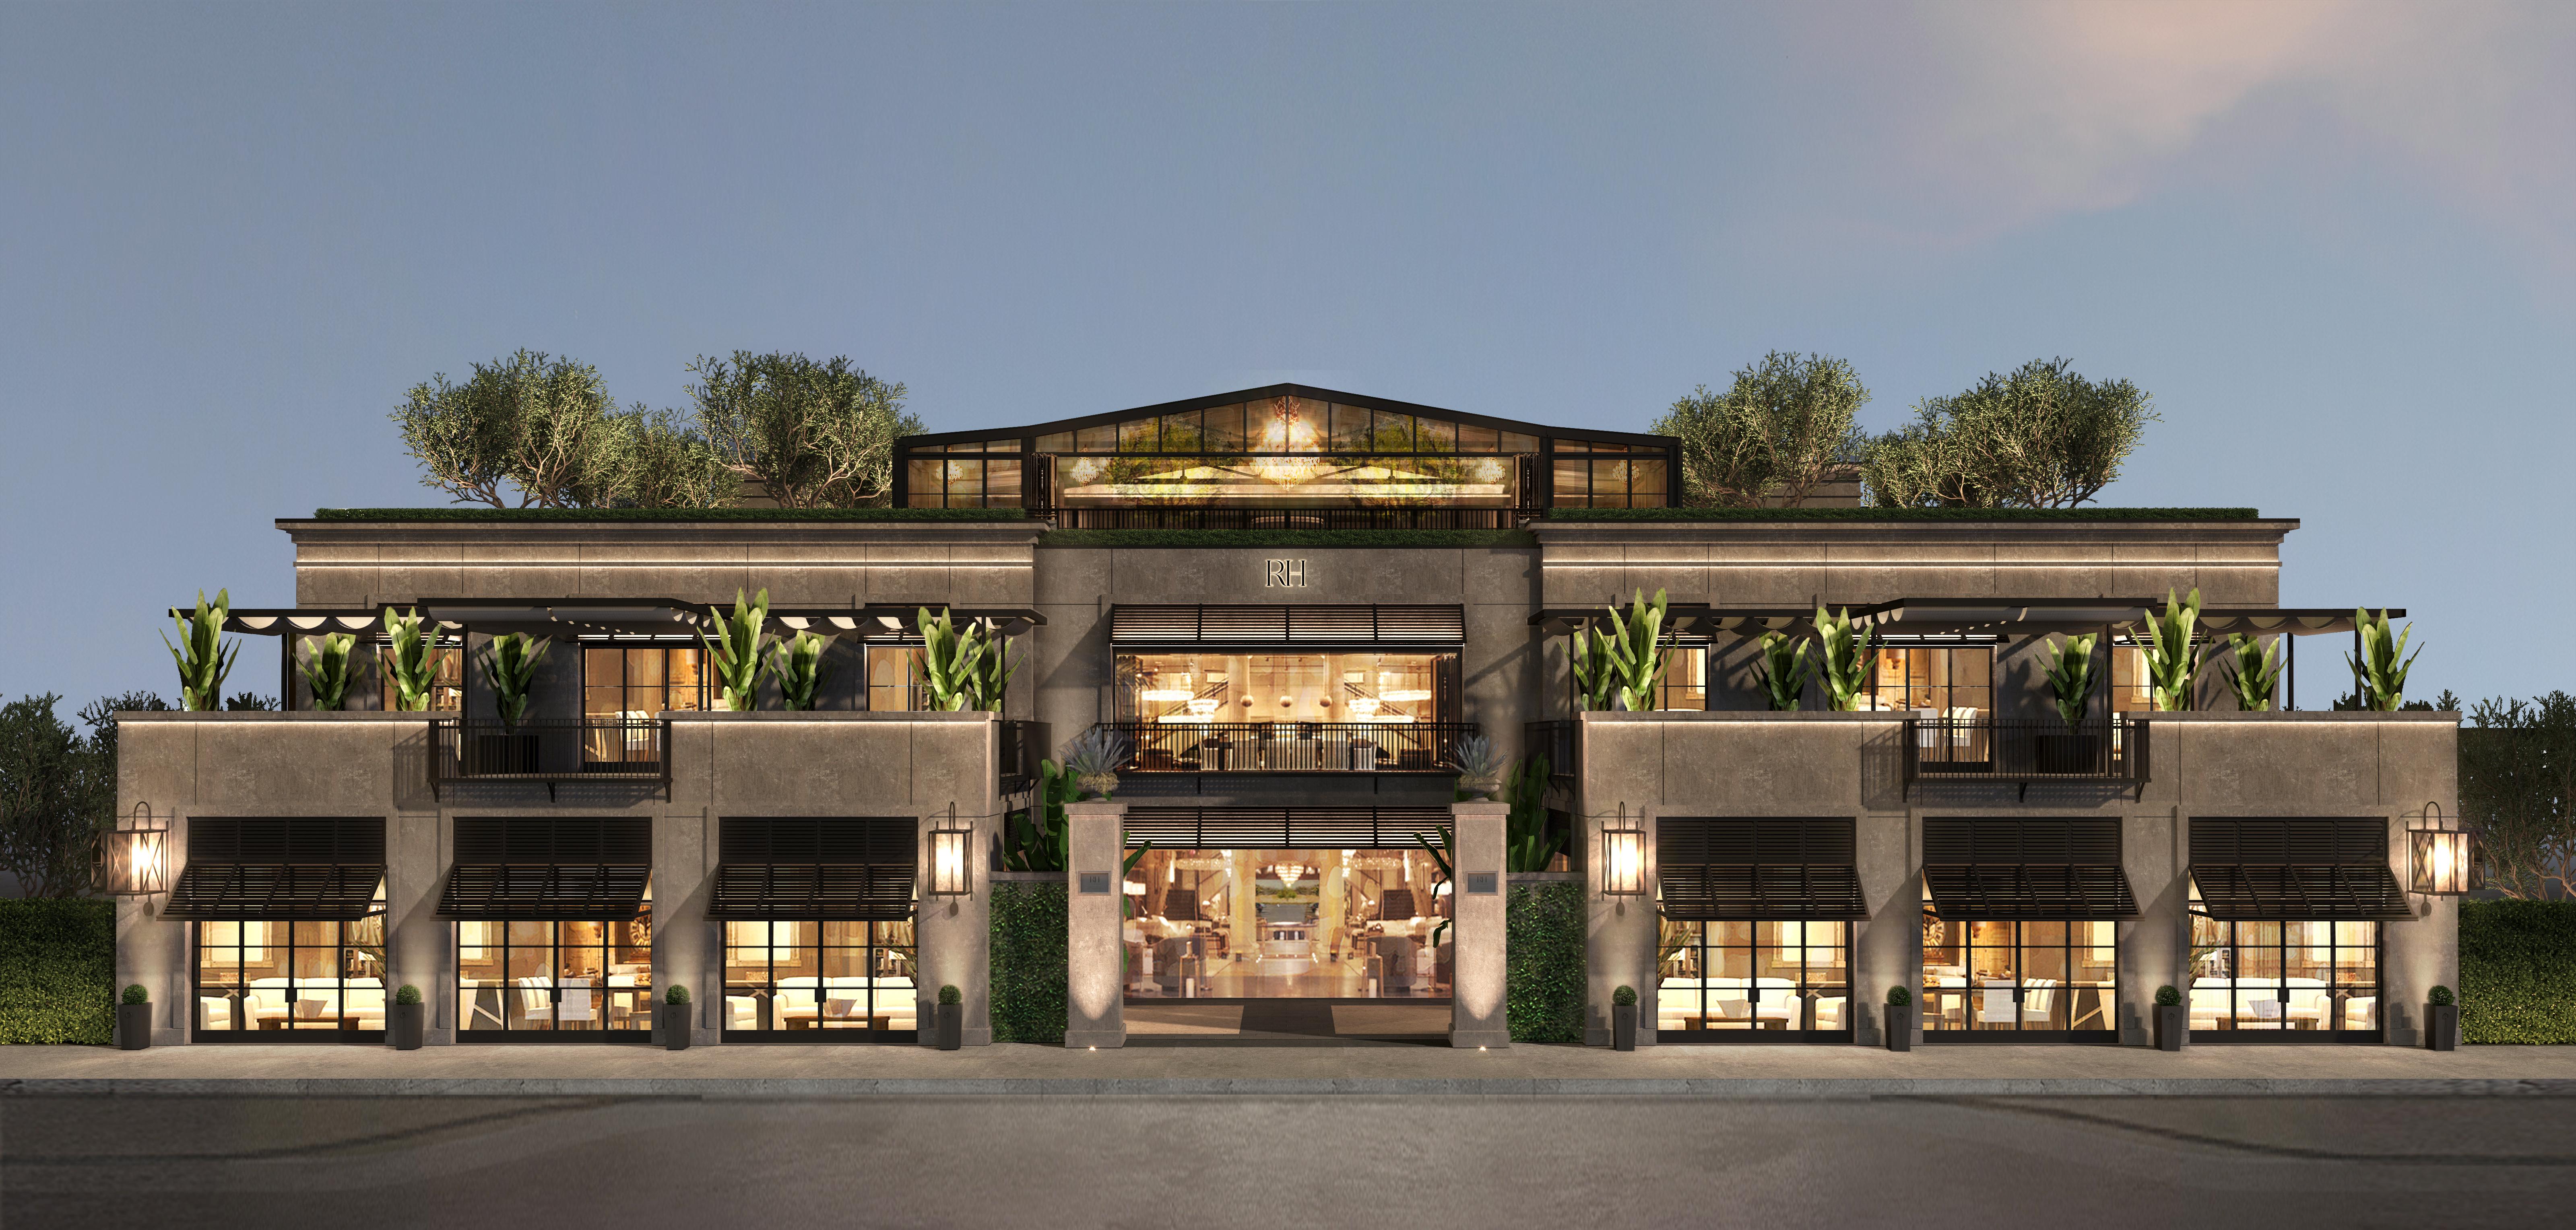 Knox Retail | Dallas, TX